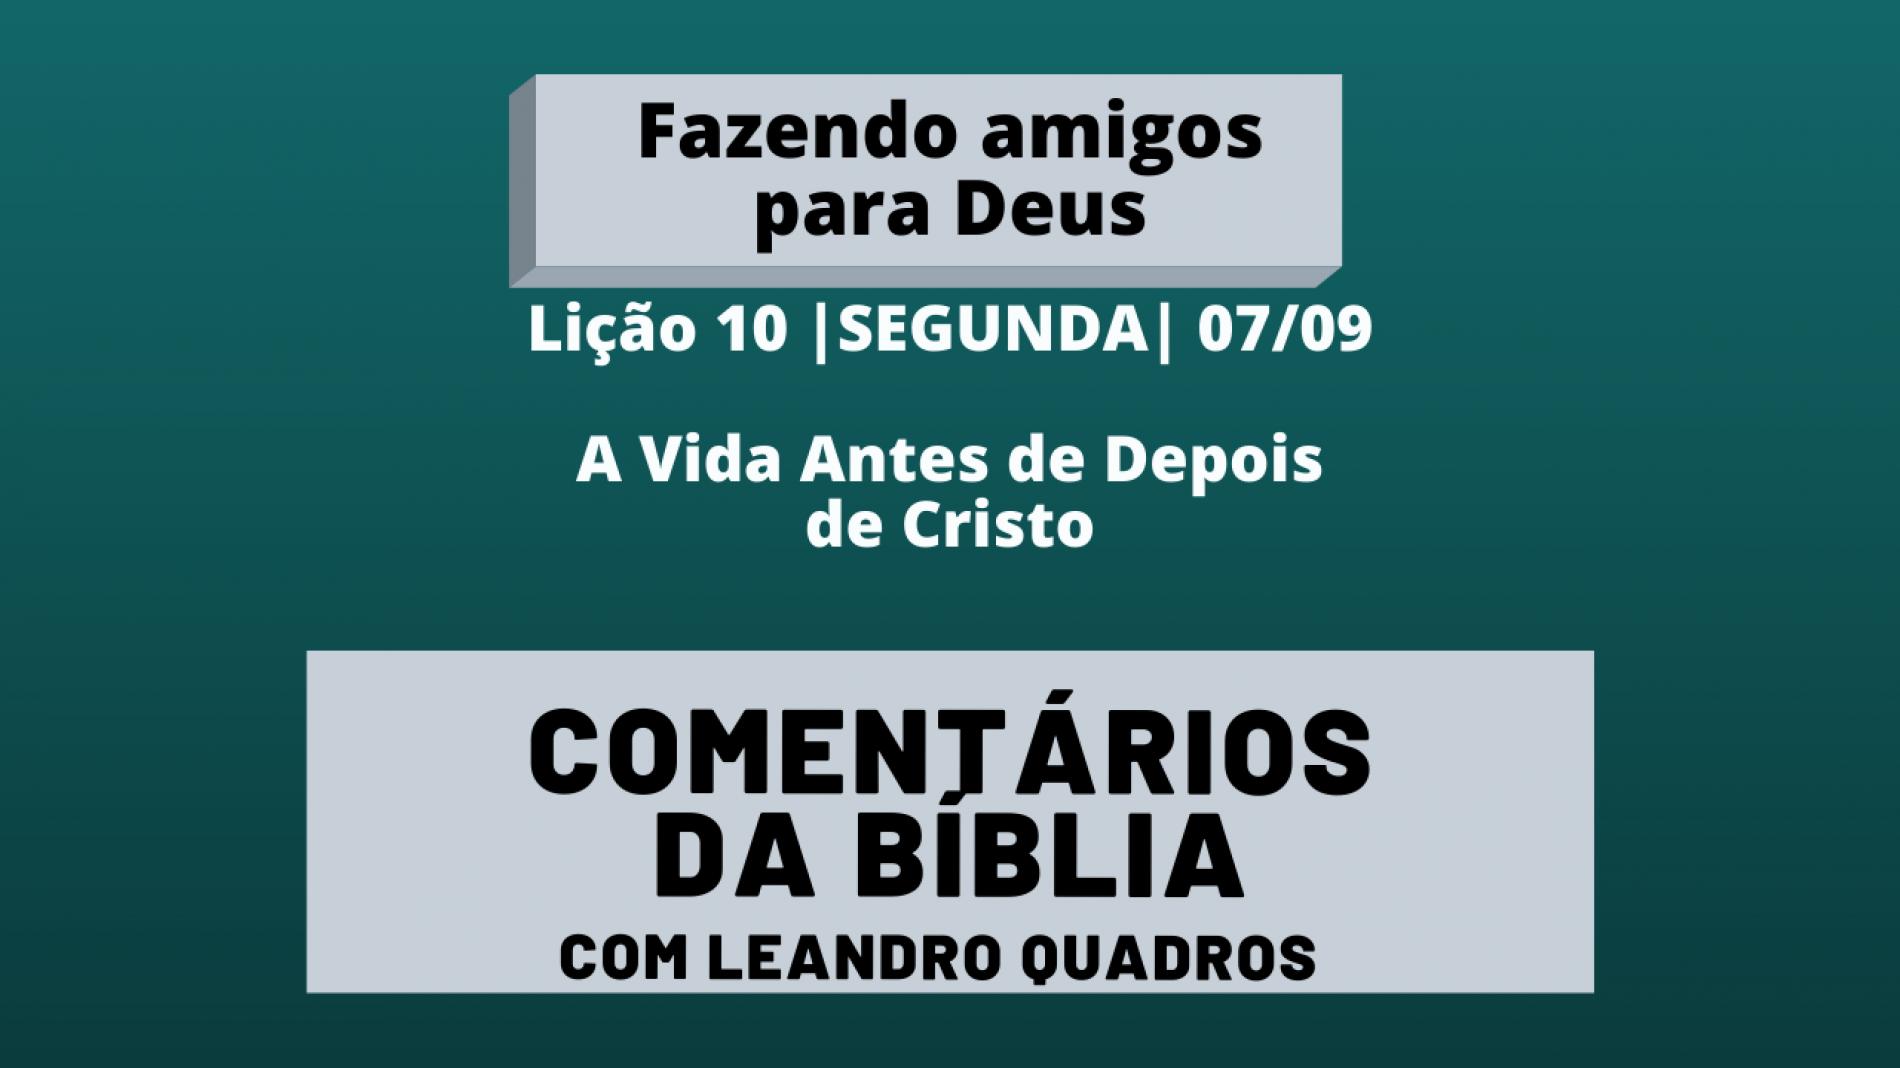 Segunda |07/09| A Vida Antes de Depois de Cristo – Lição 11